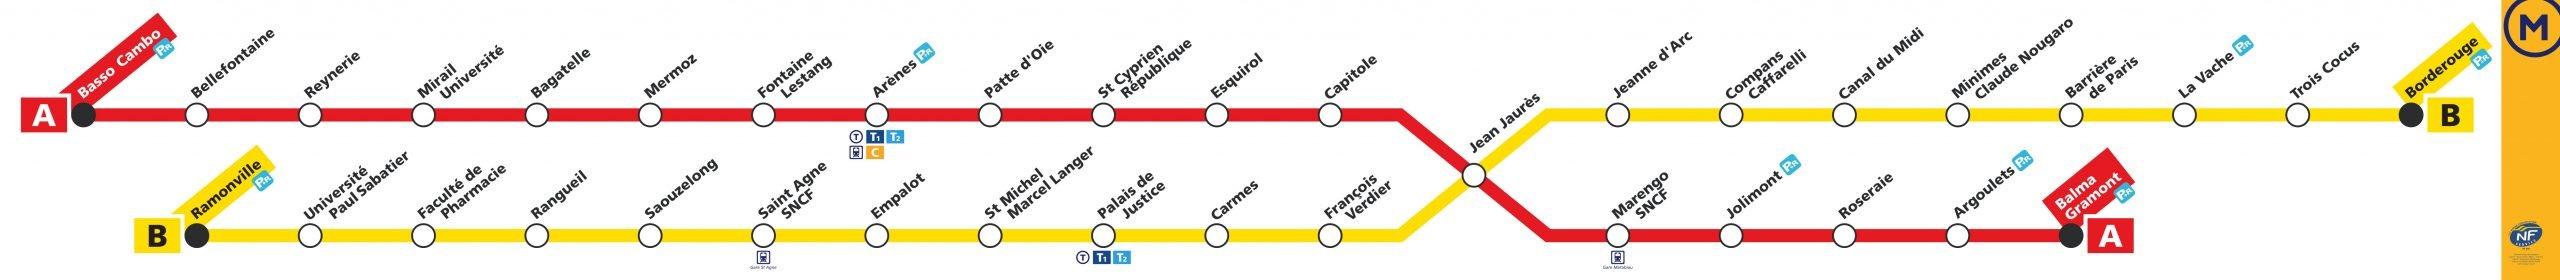 Mapa metro Toulouse